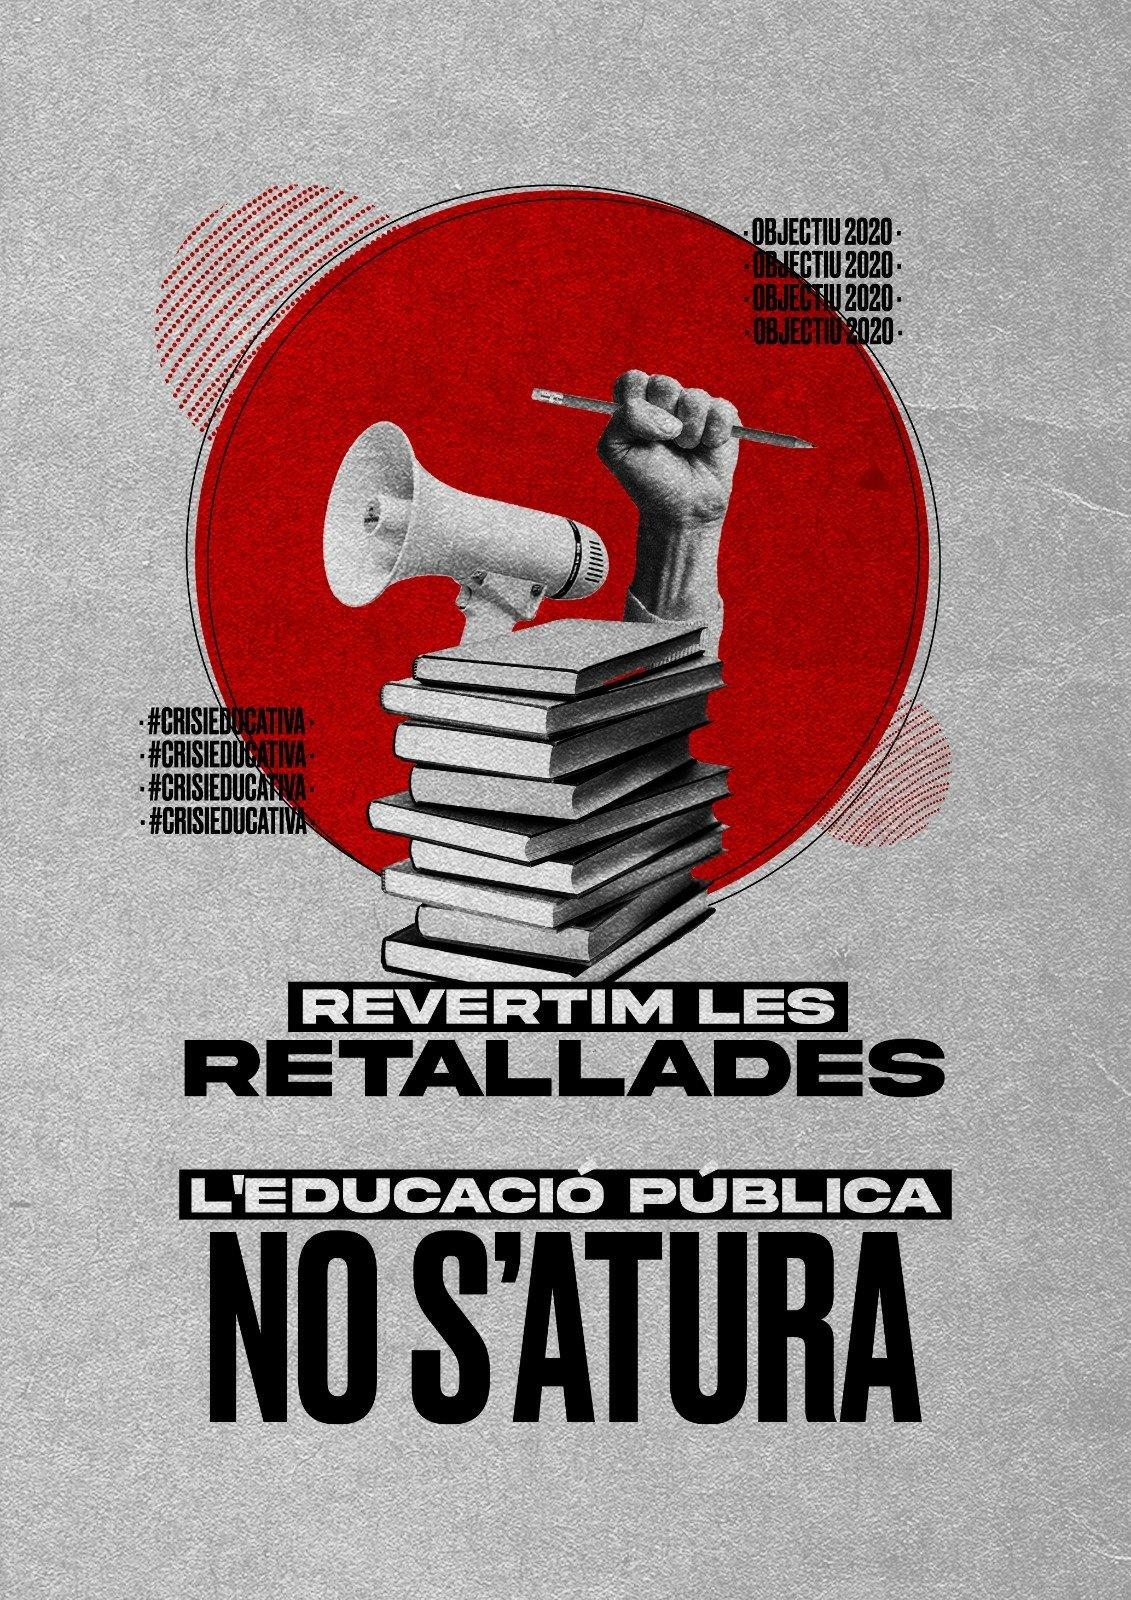 no-satura